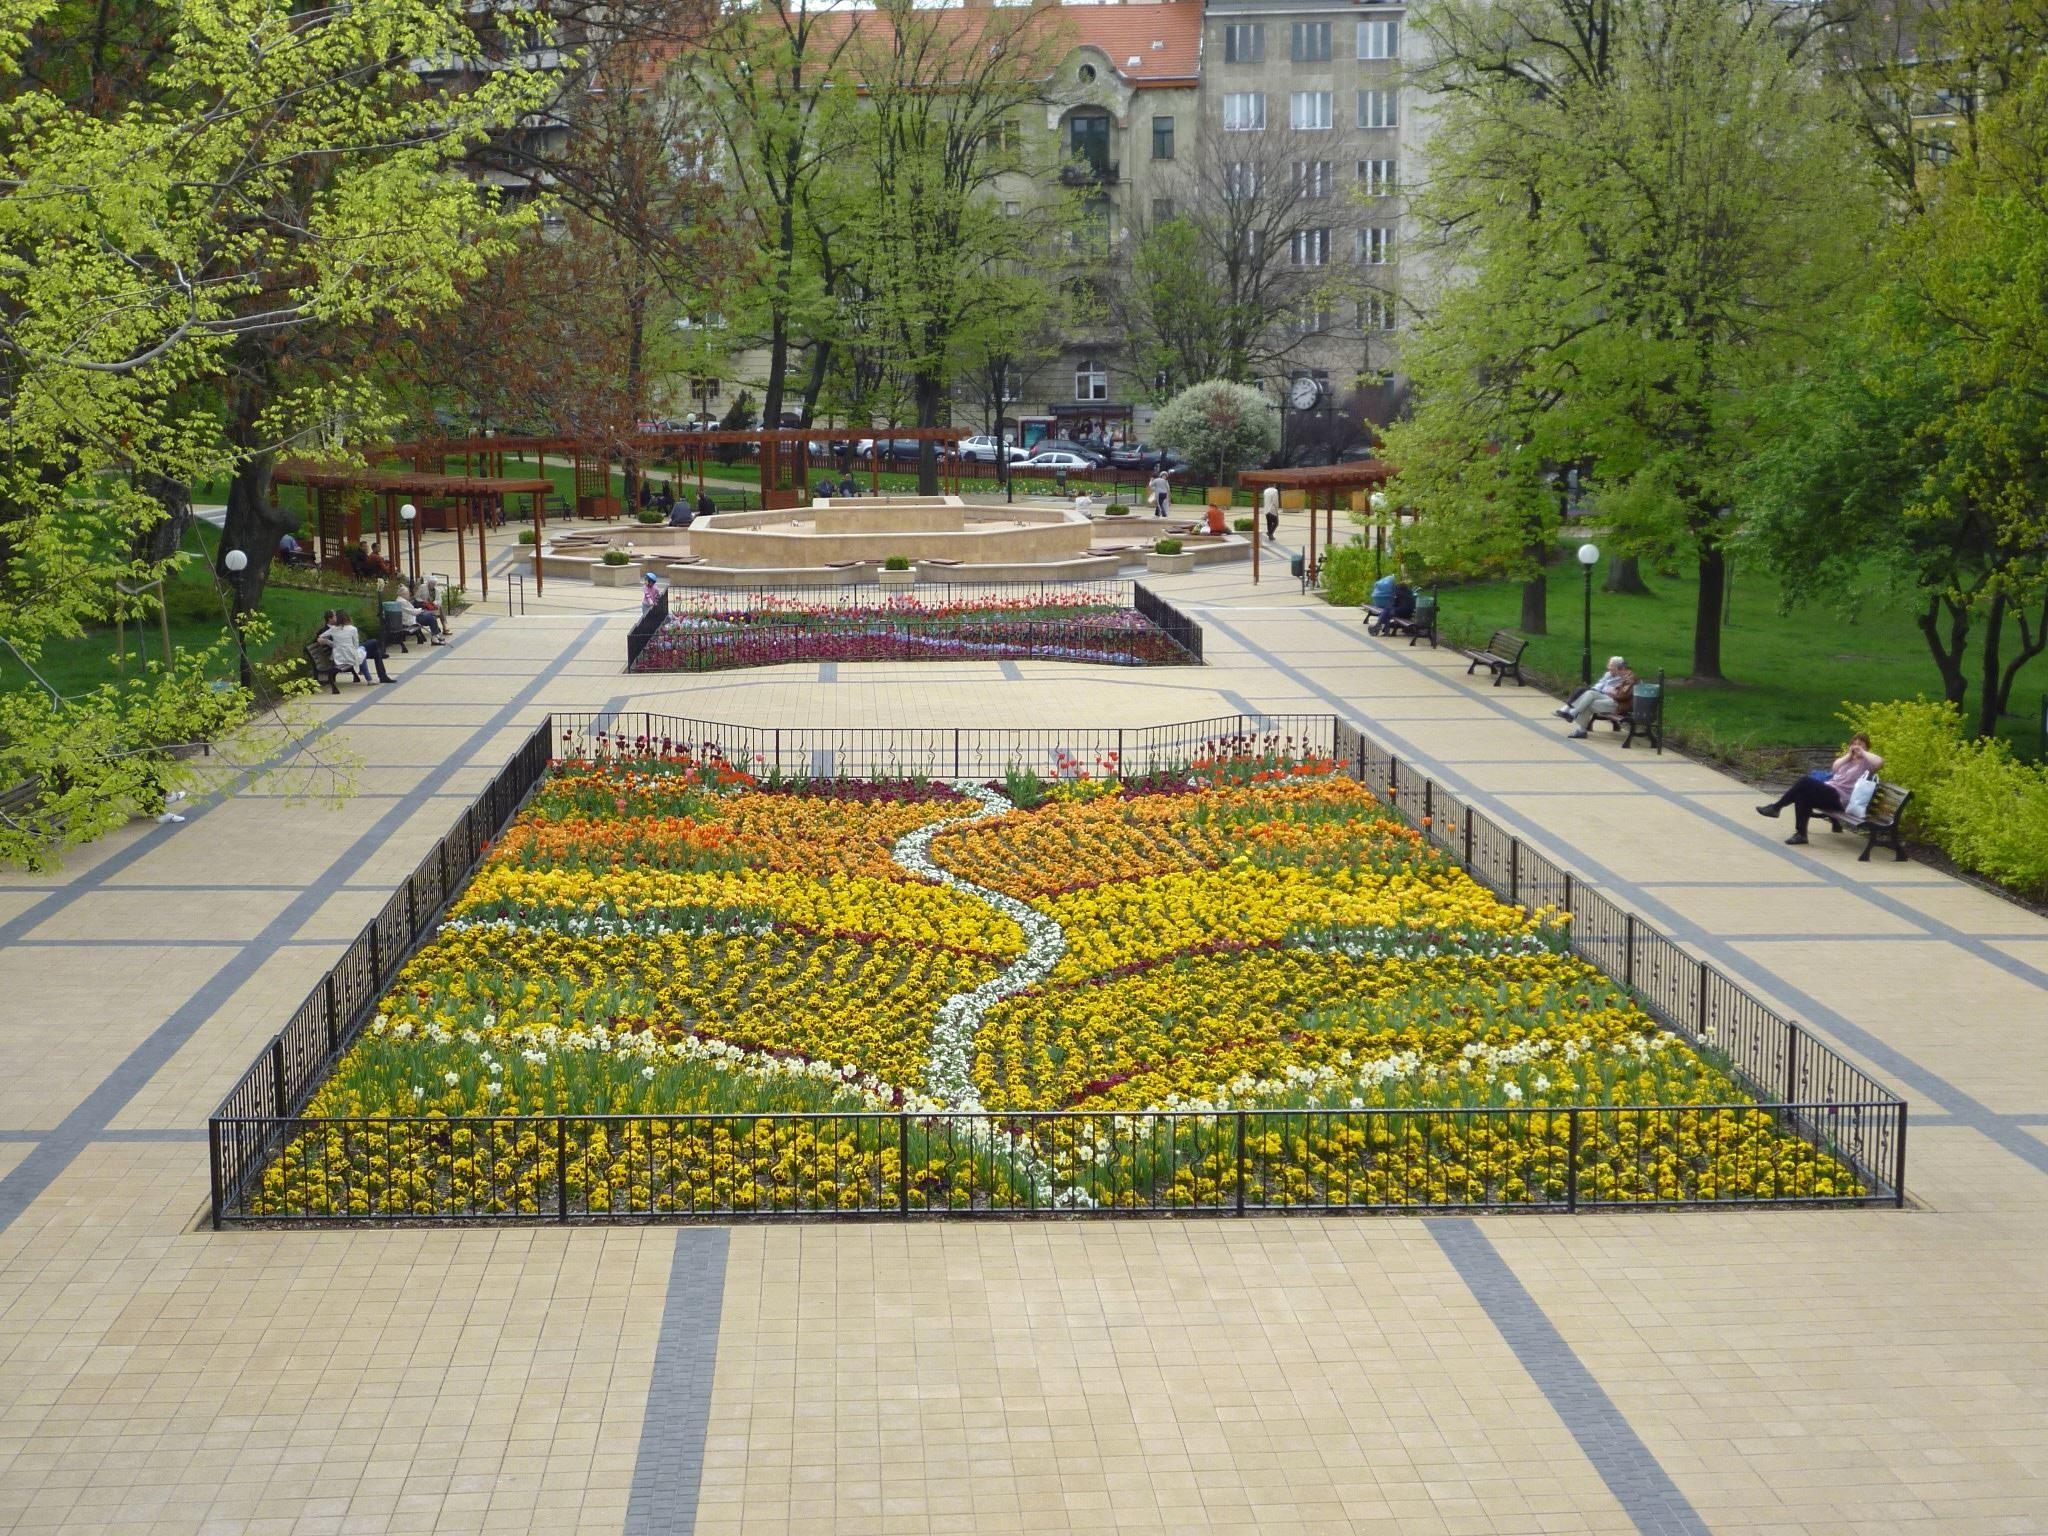 Kostenlose Bild Blumen zaun garten pflanzen menschen bank